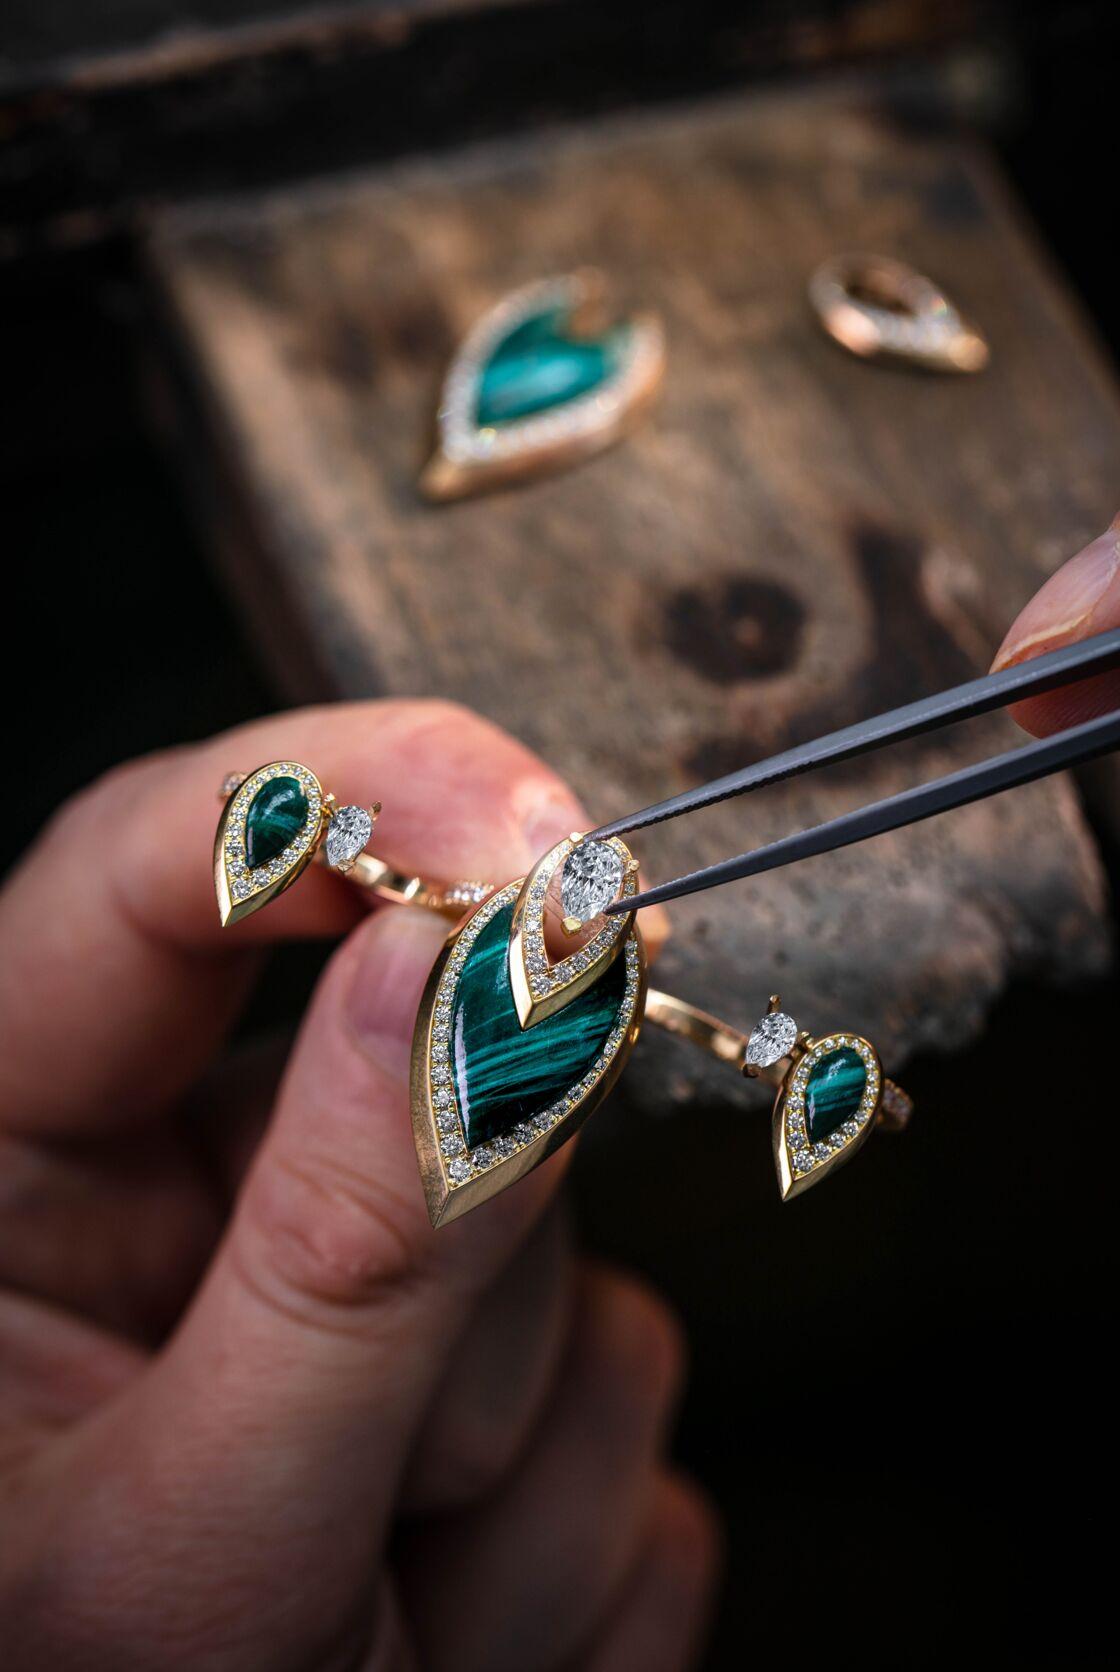 Le détail de fabrication de la bague 3 doigts composée de diamants et de pierres serties